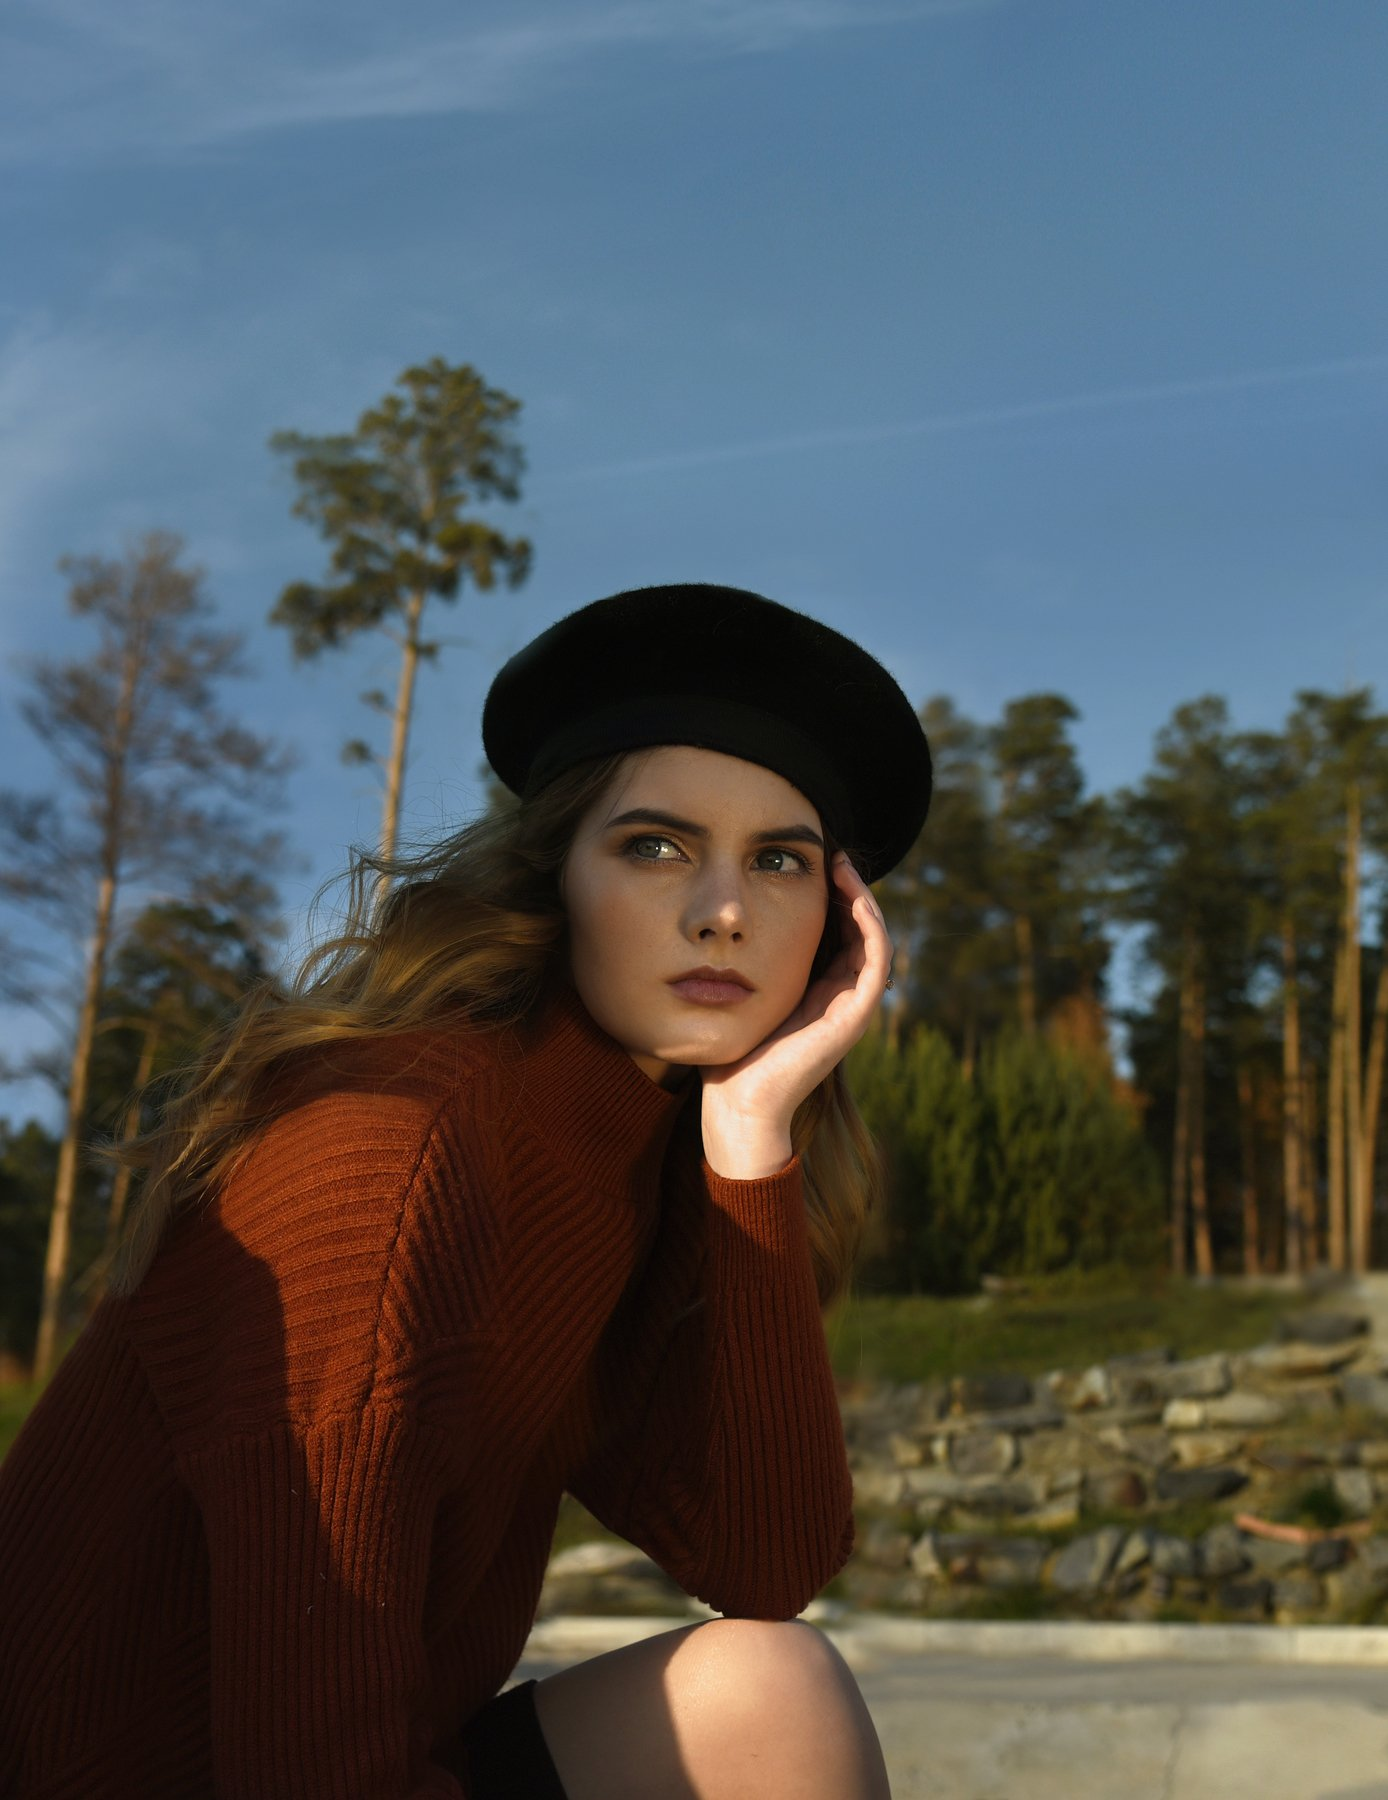 портрет, модель,portrait, fashion, model, фотосессия, Olli Ogneva